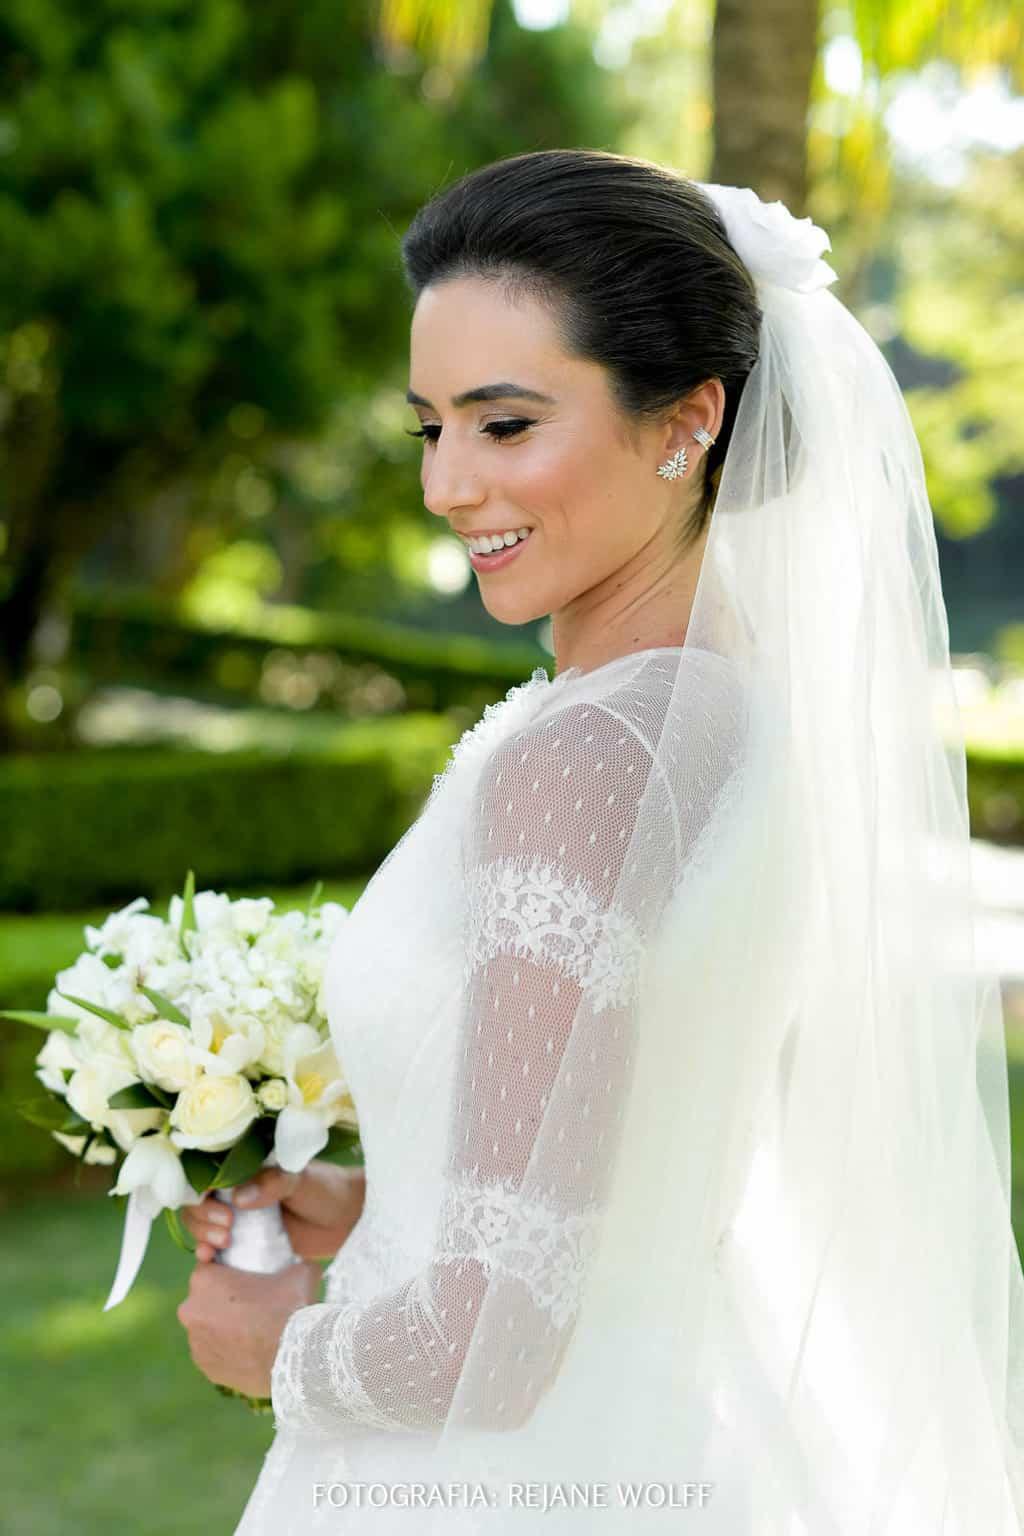 Casamento-Verane-e-Bruno-fotografia-Rejane-Wolff-hora-do-buque-Rej-Terras-de-Clara29